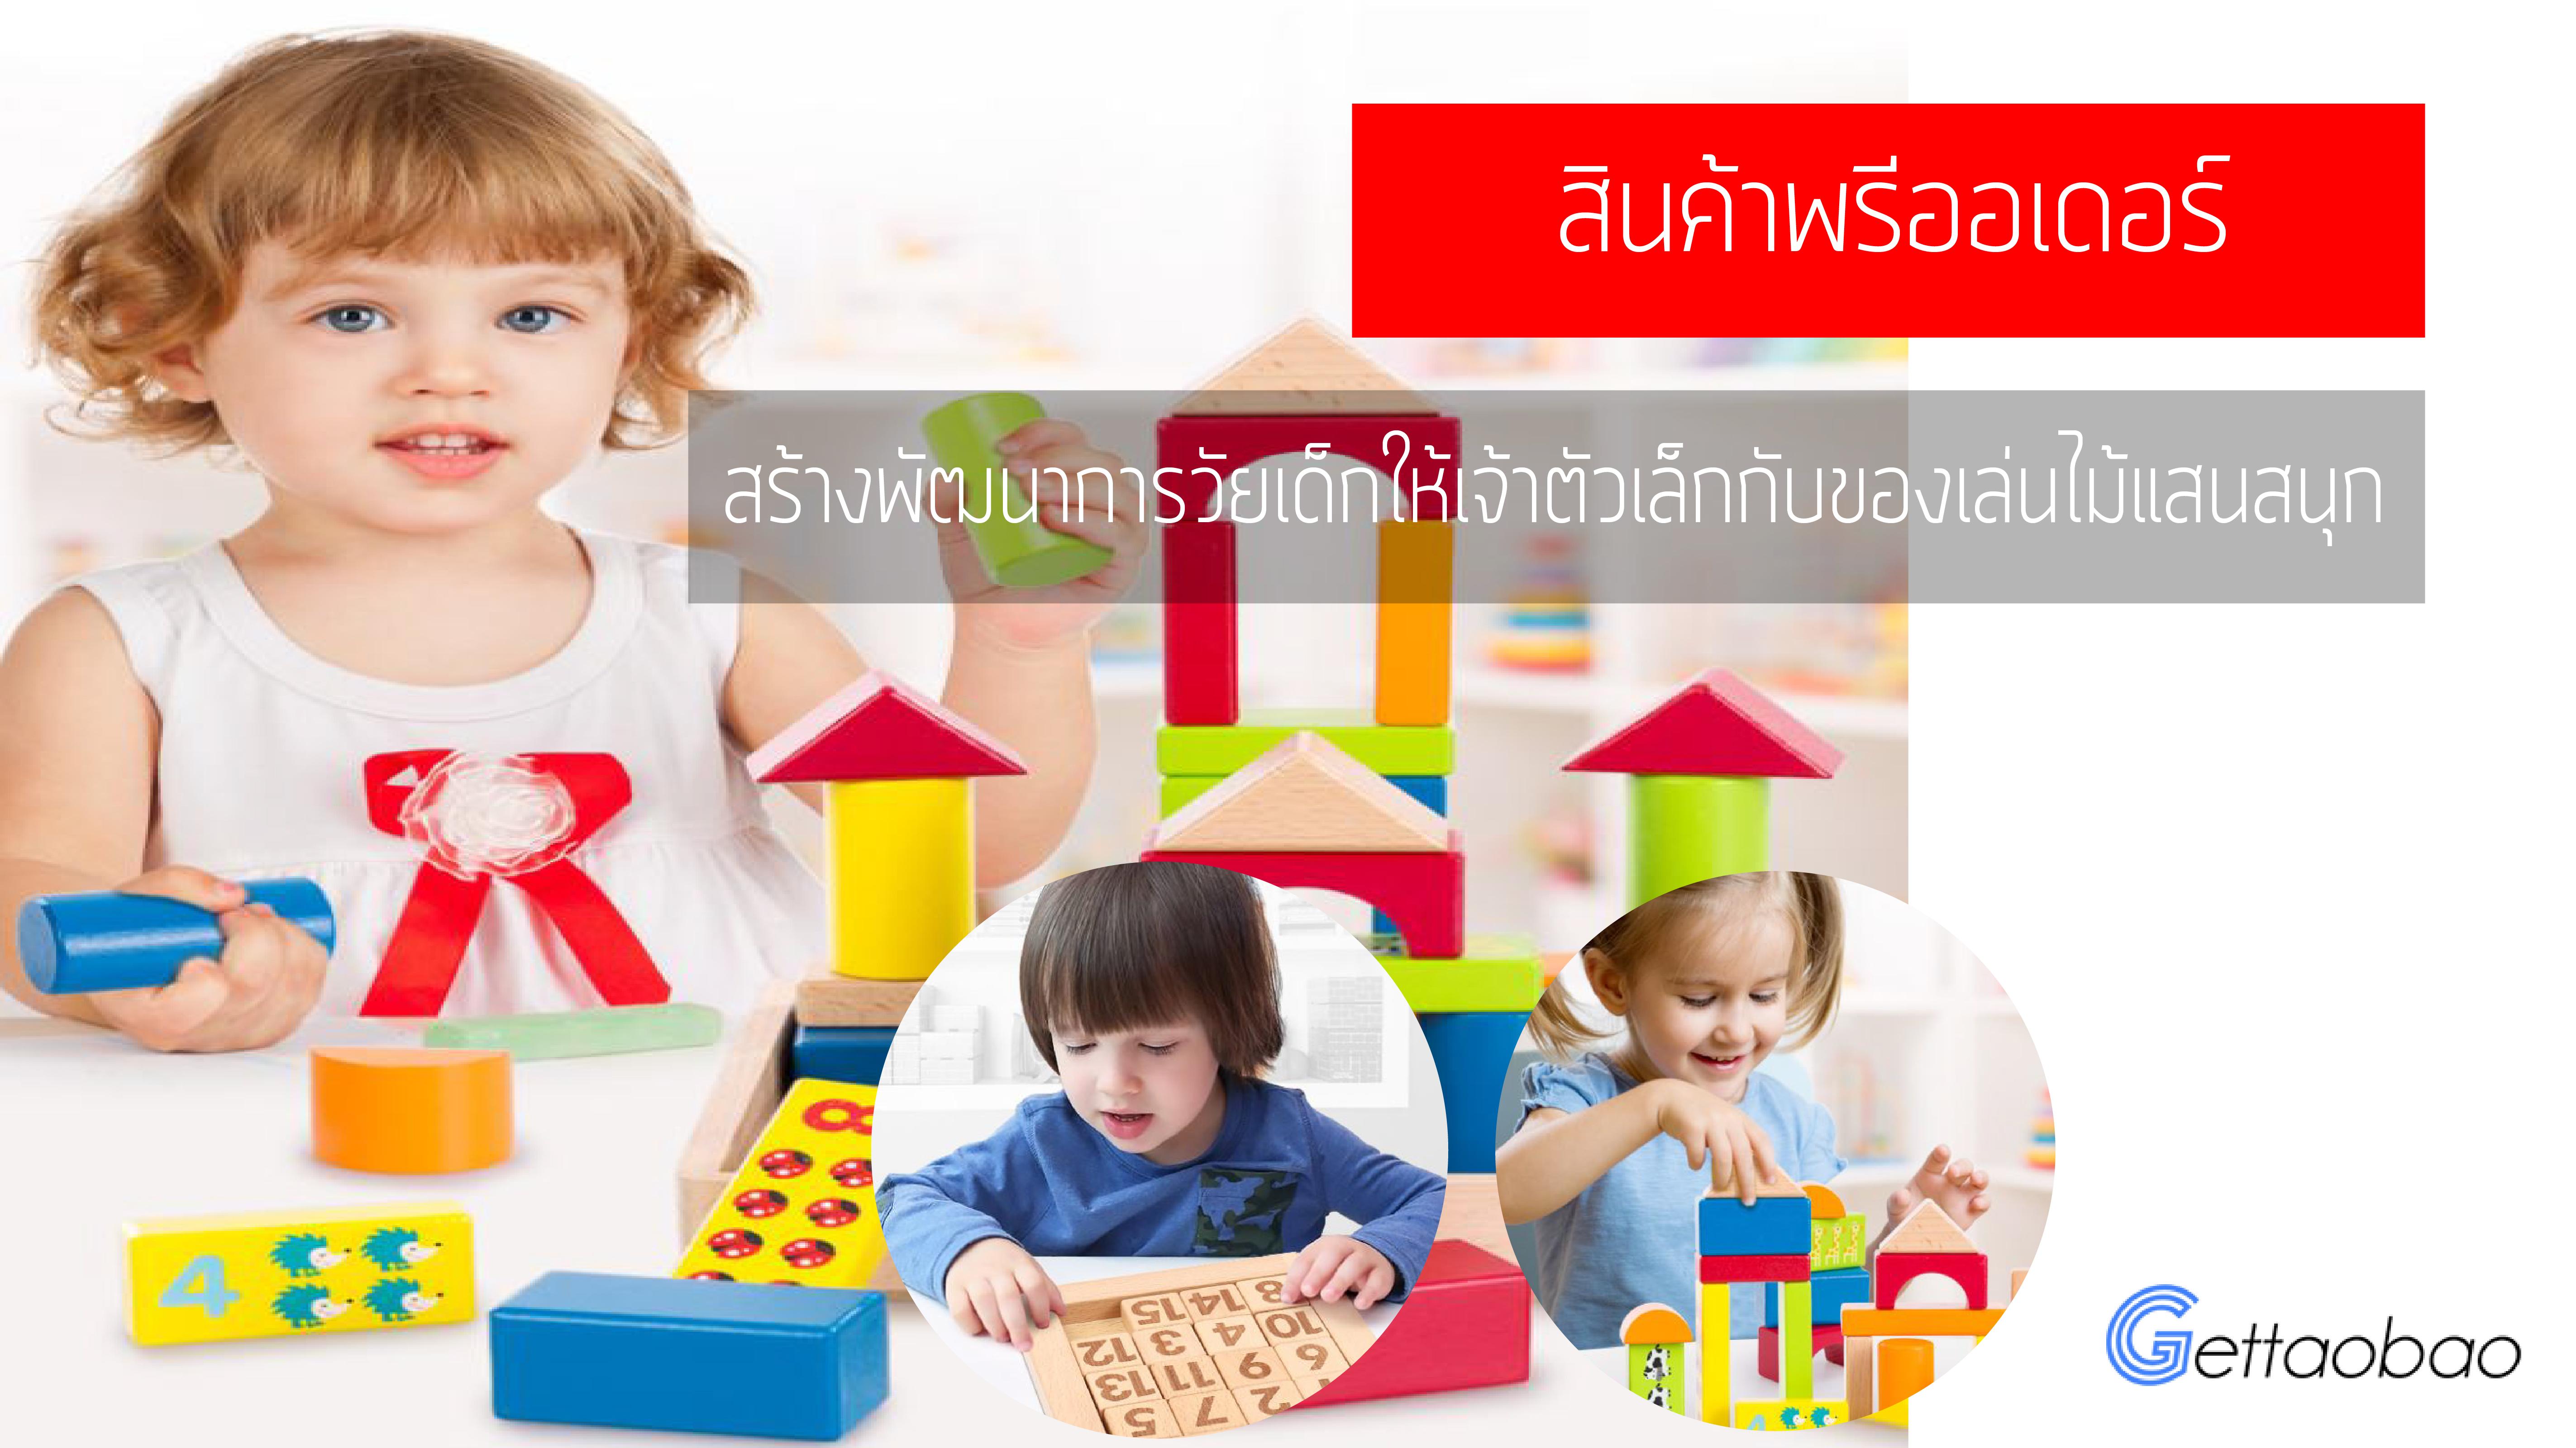 สินค้าพรีออเดอร์สร้างพัฒนาการวัยเด็กให้เจ้าตัวเล็กกับของเล่นไม้แสนสนุก